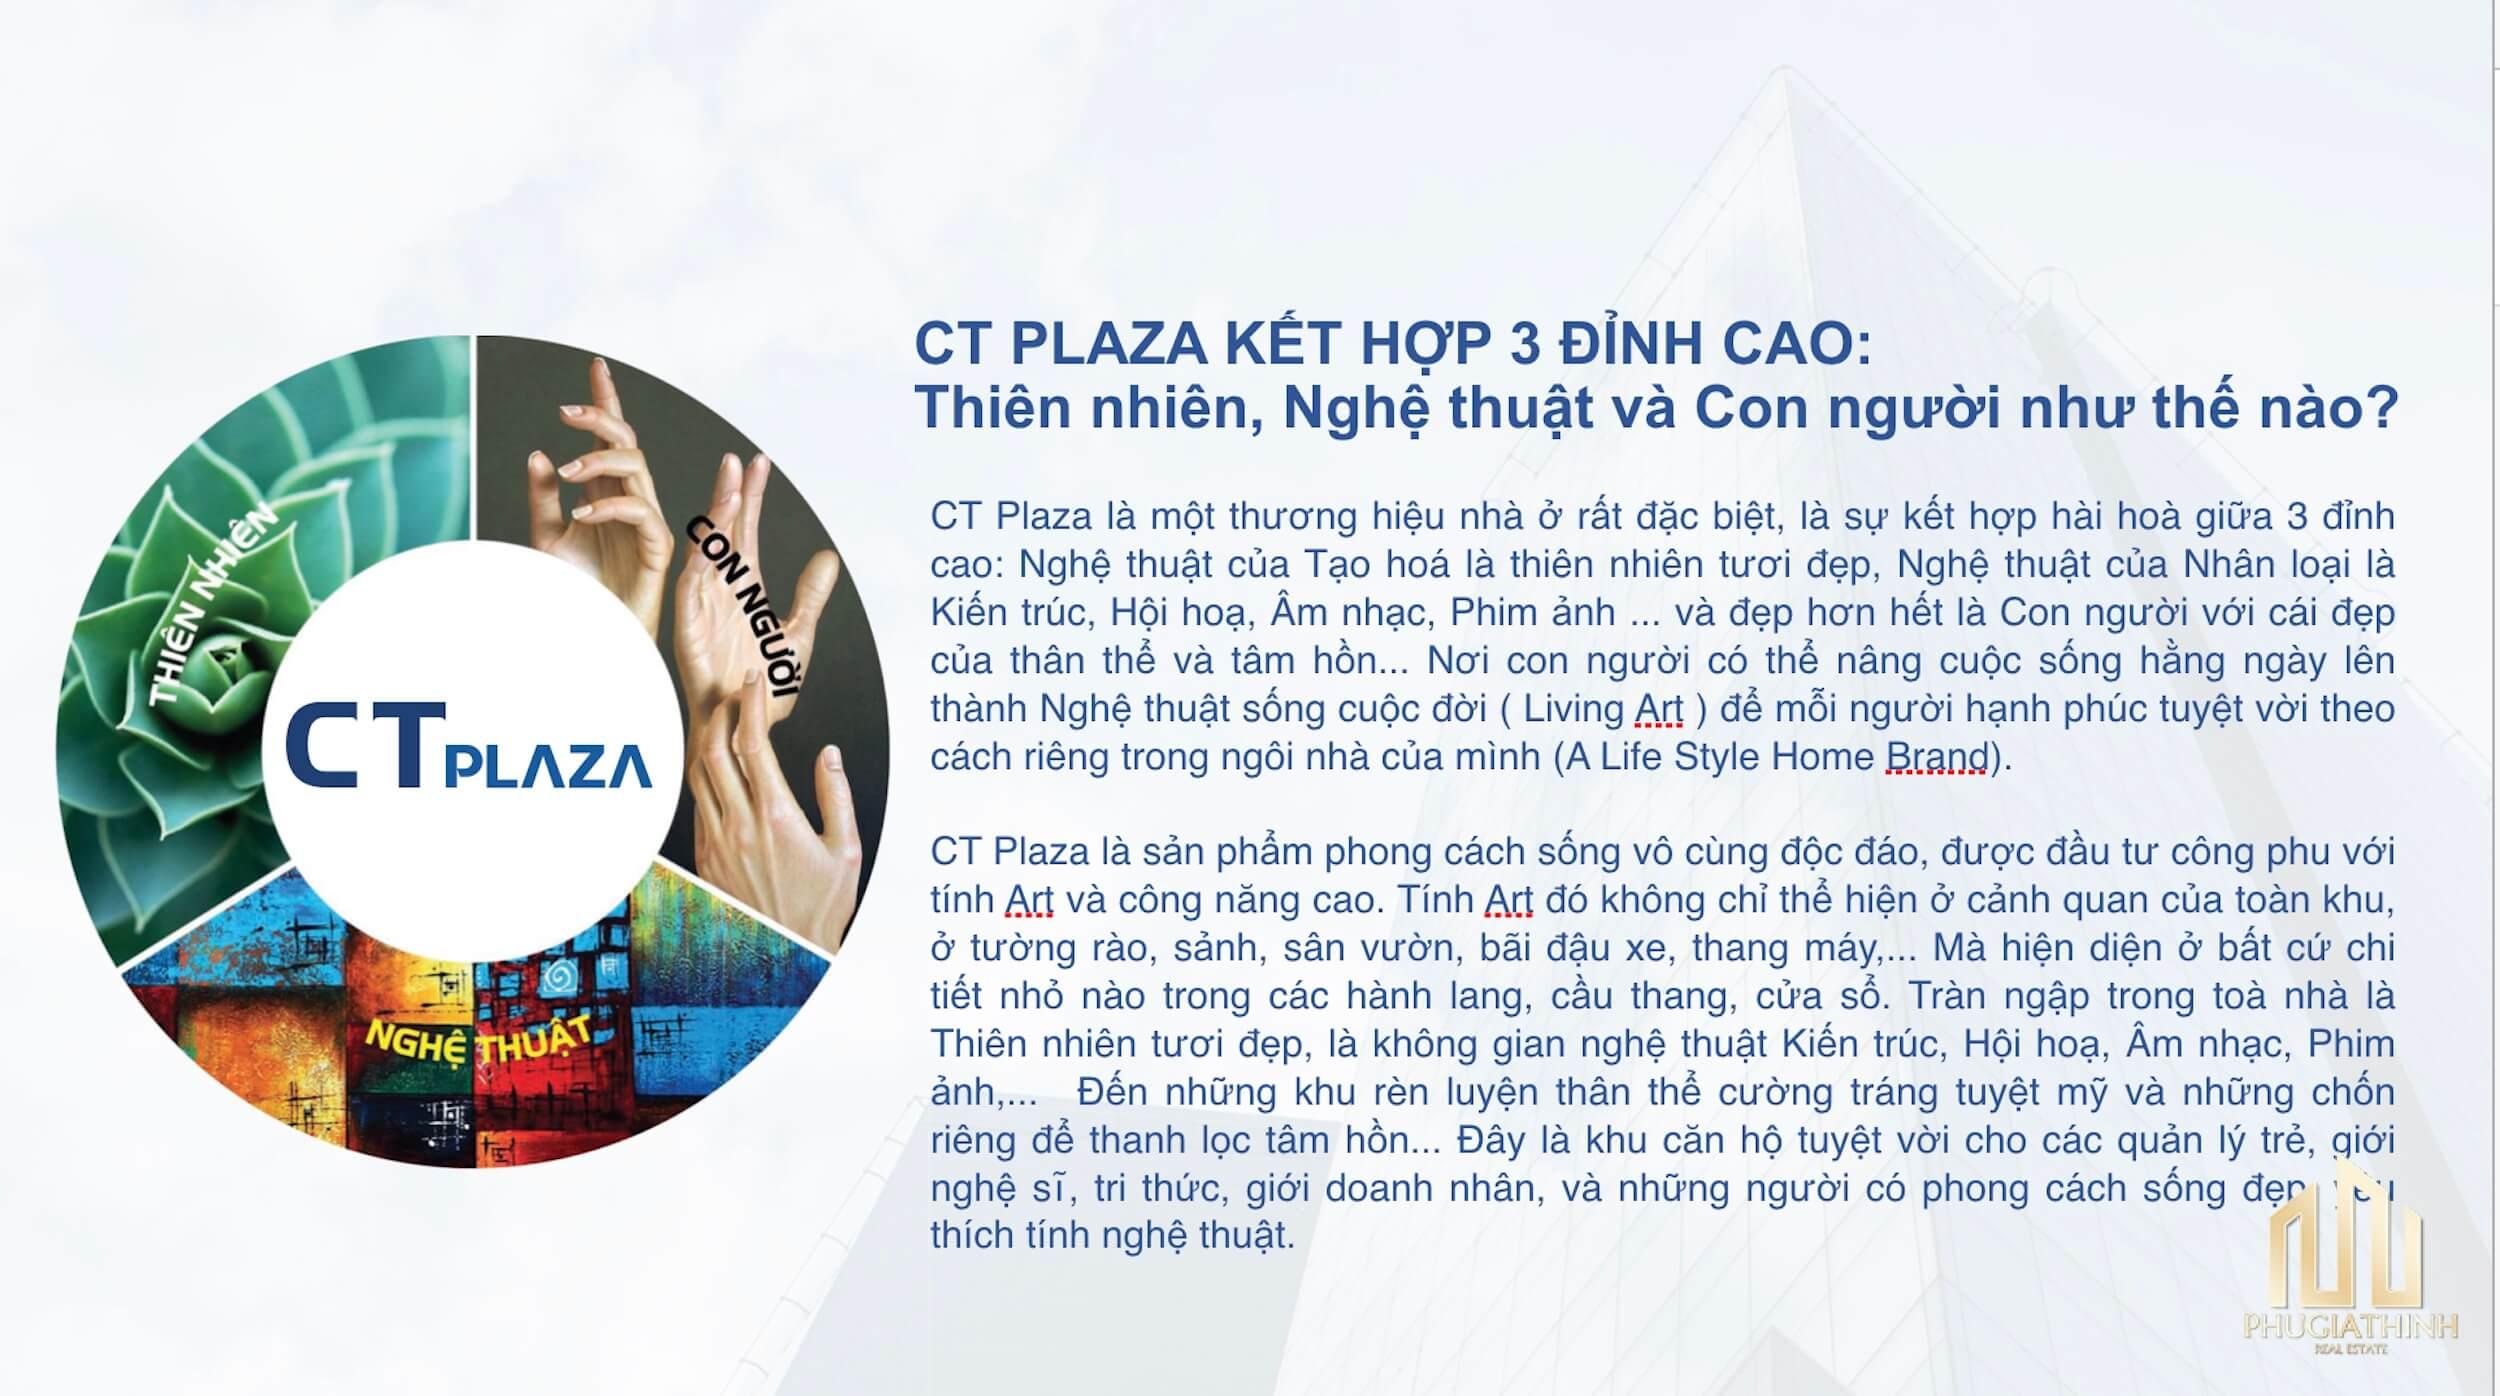 Thông tin dự án CT Plaza Minh Châu